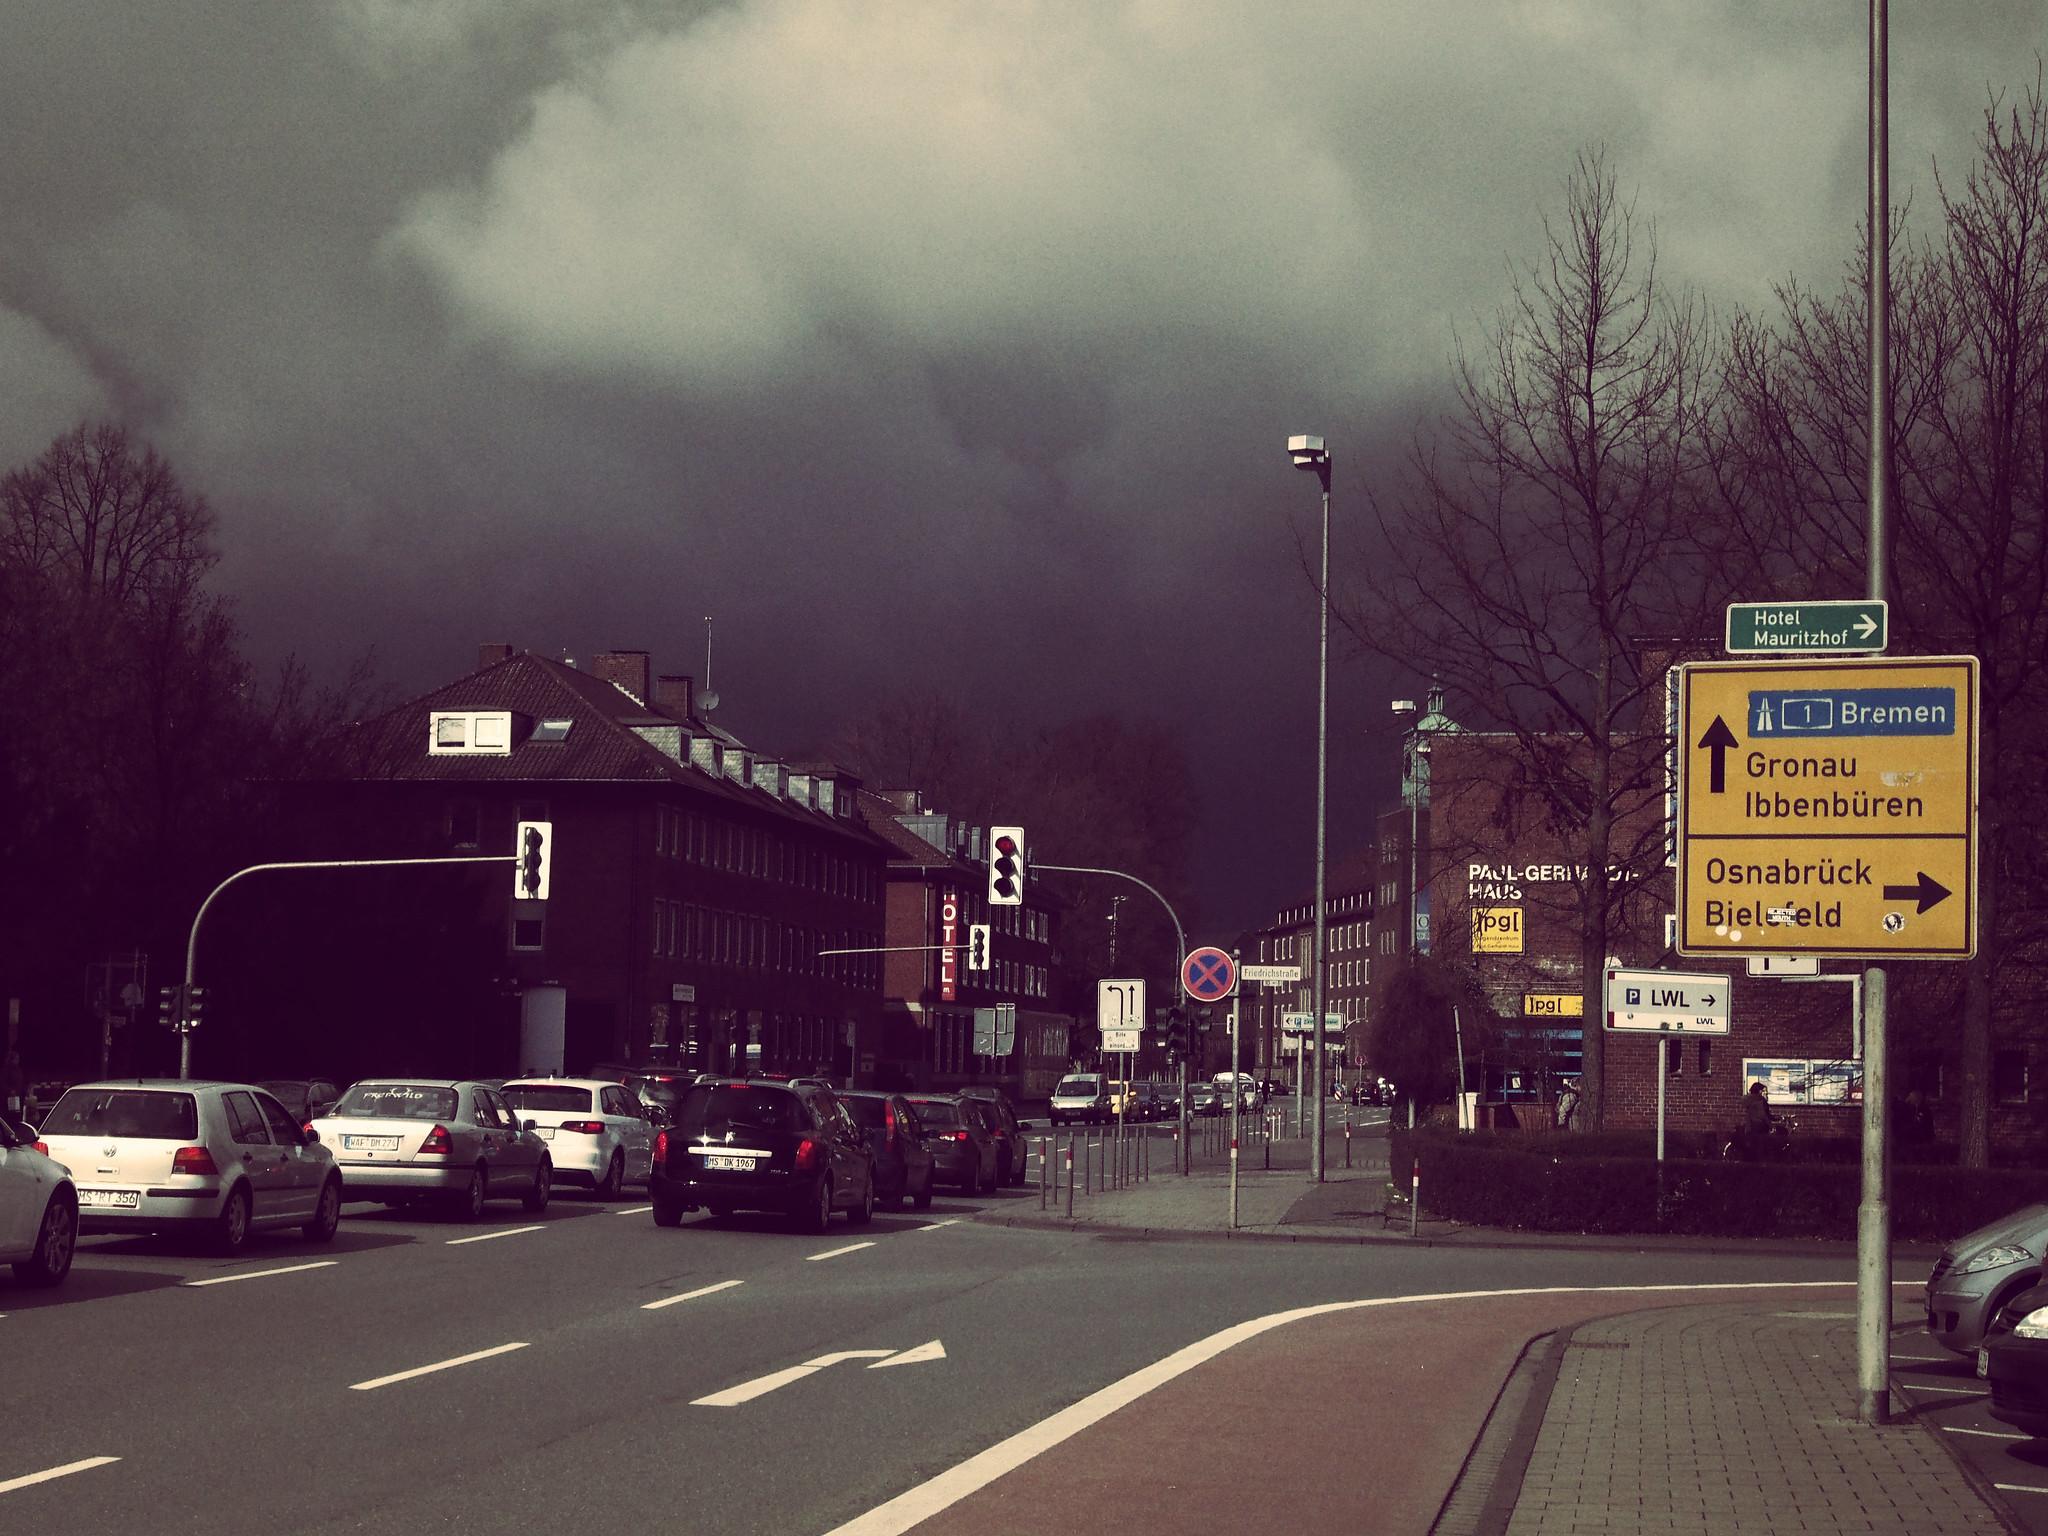 Archivdinge: Sturm